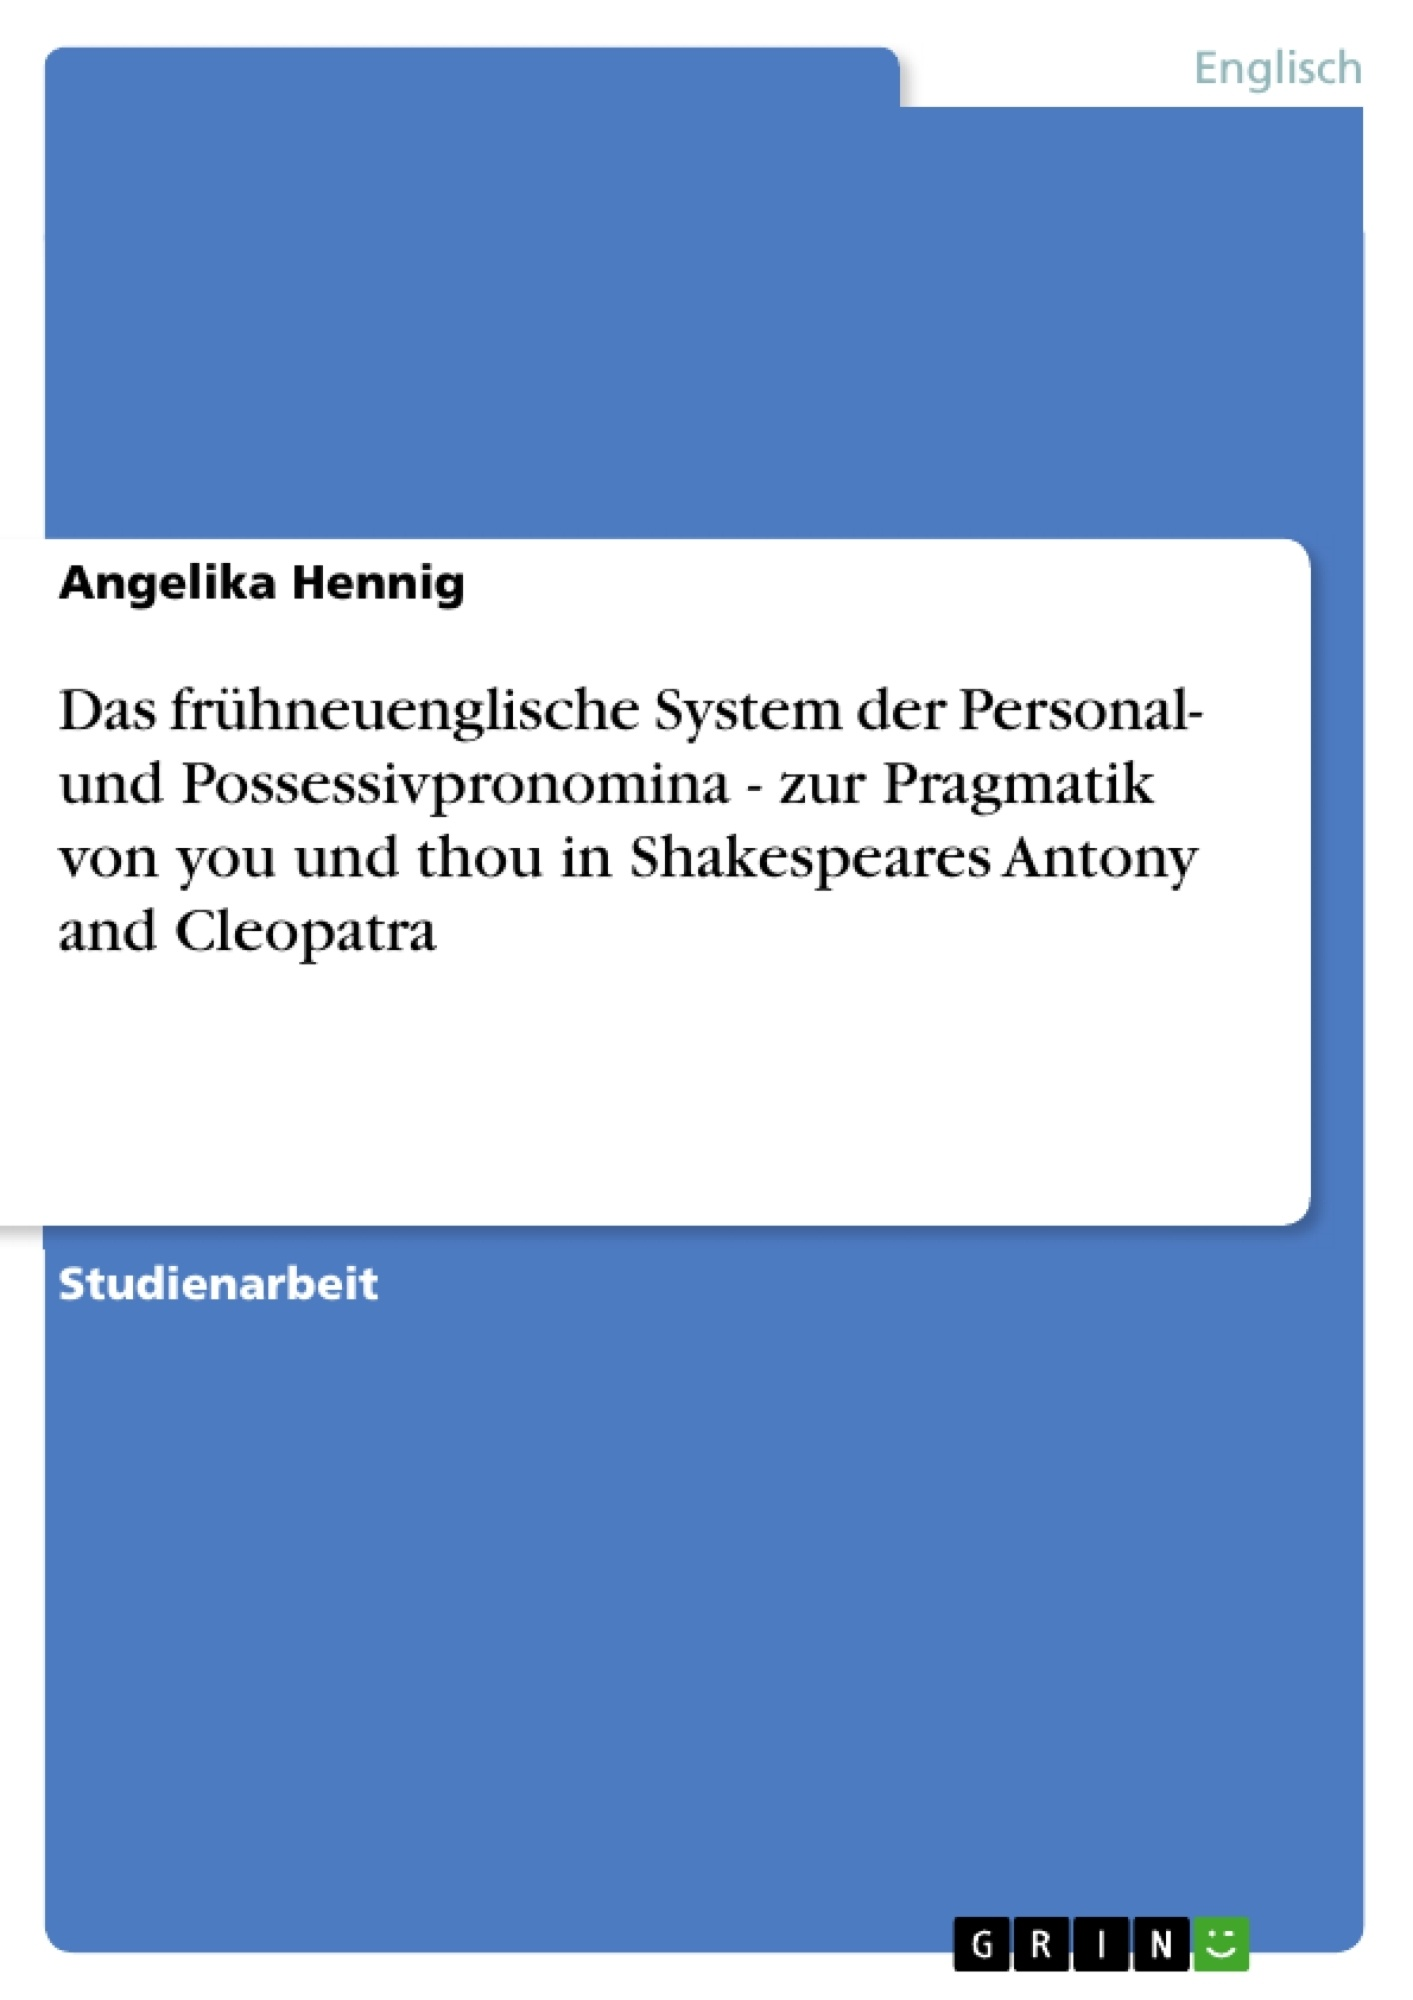 Titel: Das frühneuenglische System der Personal- und Possessivpronomina - zur Pragmatik von you und thou in Shakespeares Antony and Cleopatra